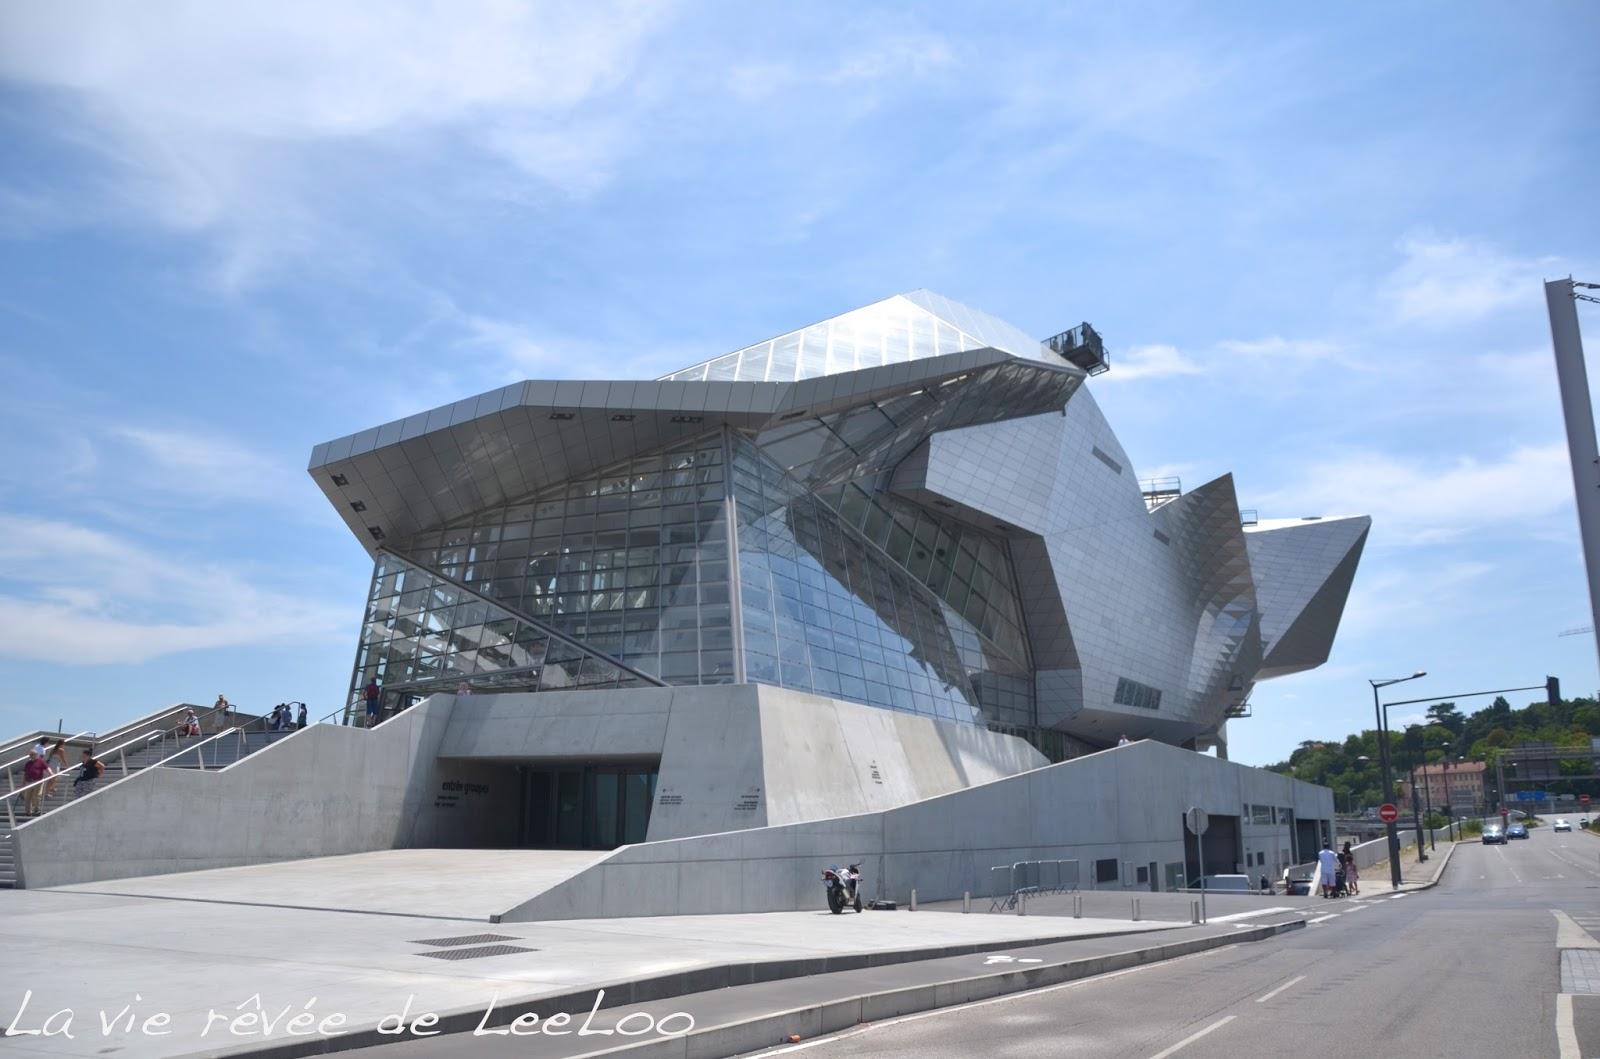 Les sorties de margot le mus e des confluences la vie for Architecte musee confluence